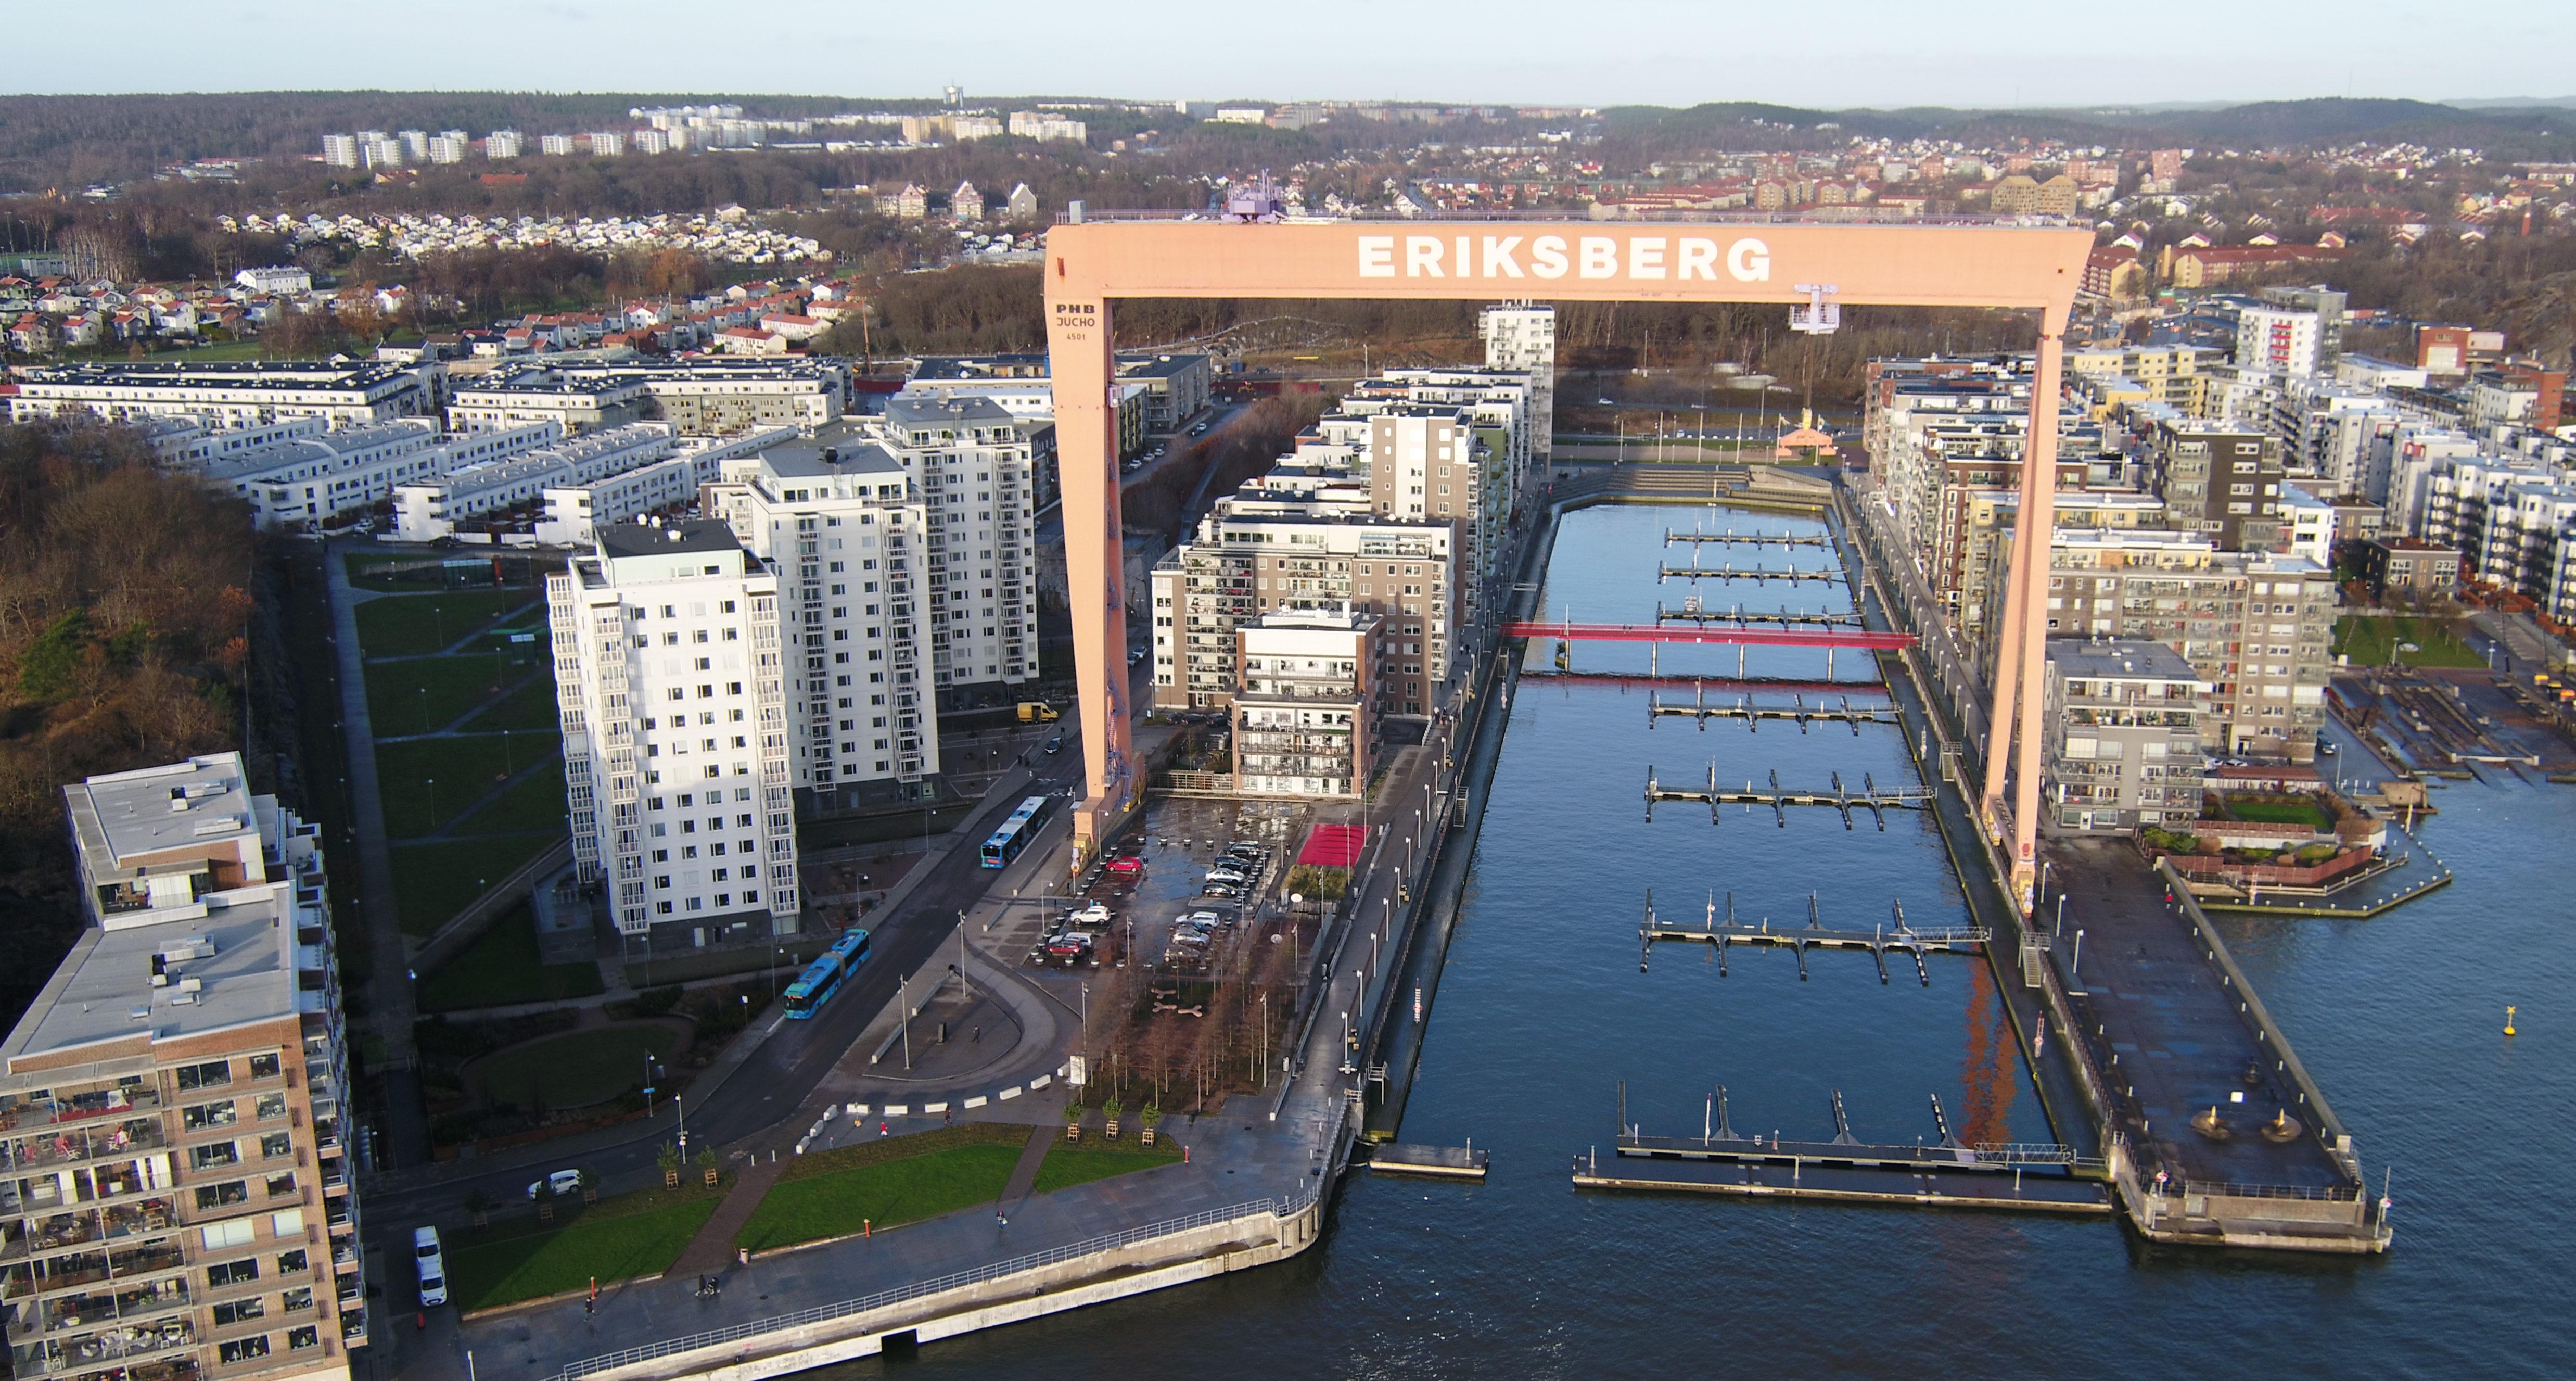 Bostadsområdet Västra Eriksberg med landmärket Eriksbergskranen